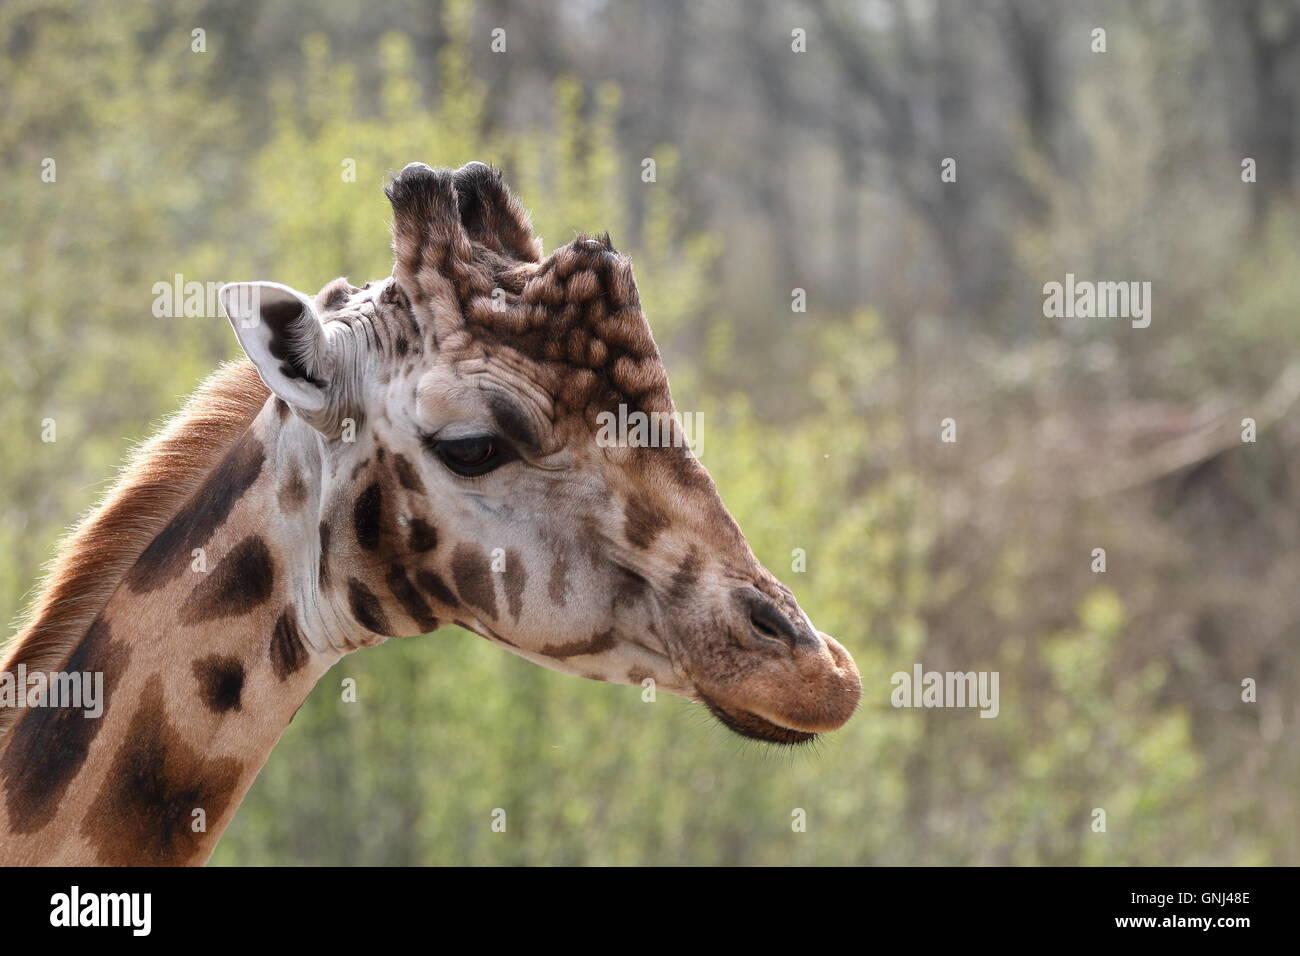 Una foto de la cabeza de un hombre joven jirafa (Giraffa camelopardalis) visto desde el lateral, con un fondo borroso. Imagen De Stock